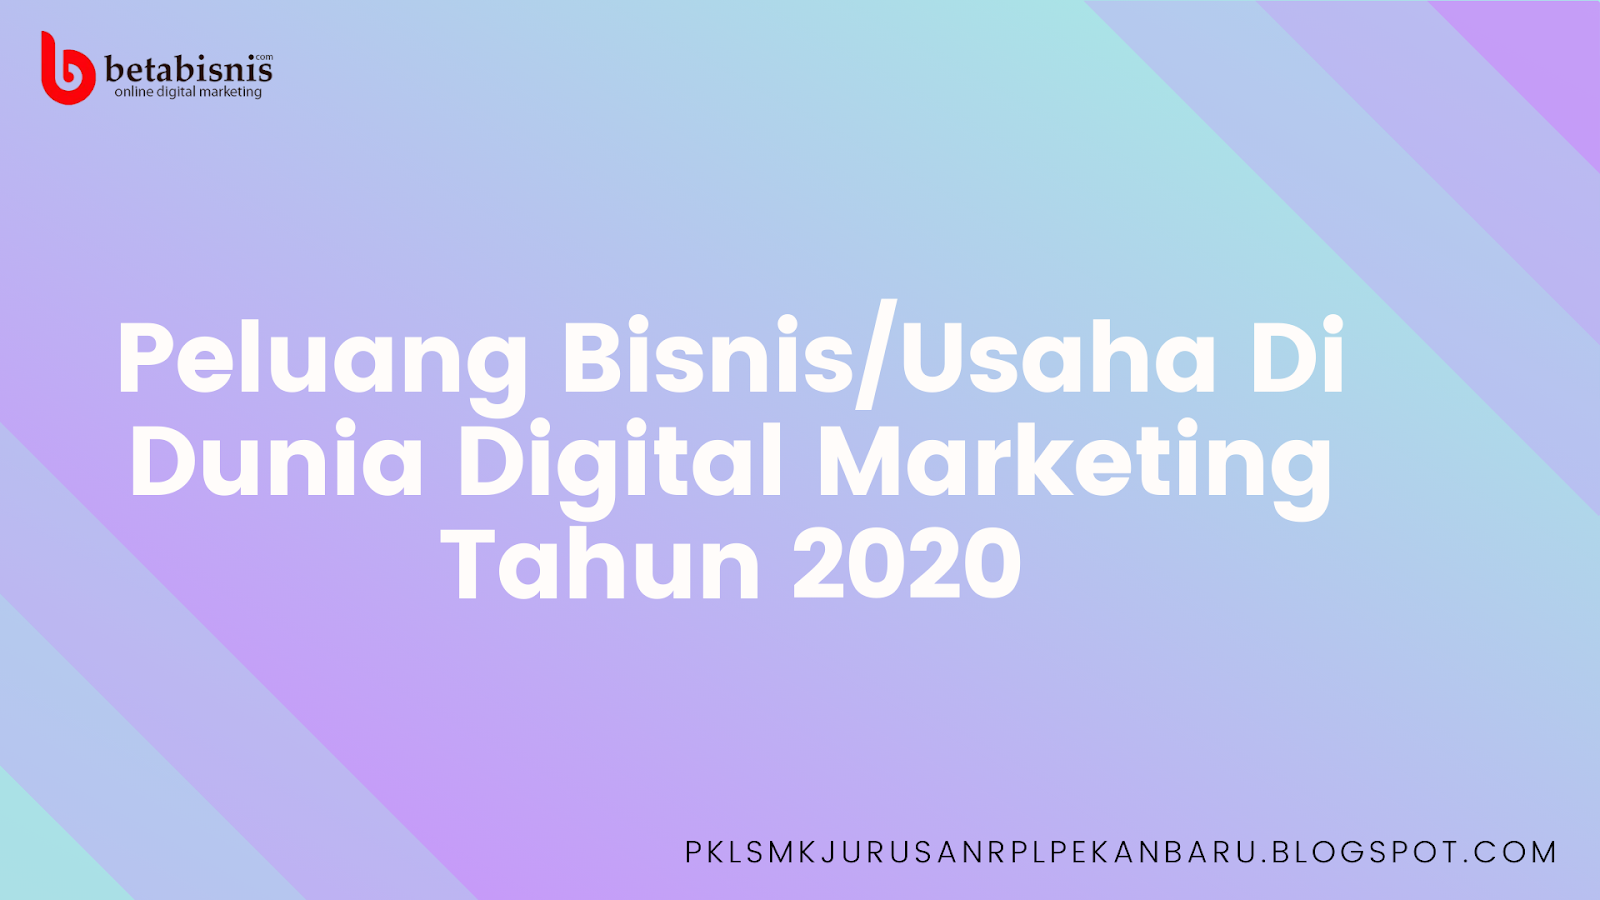 Peluang Bisnis Dunia Digital Marketing di Tahun 2020